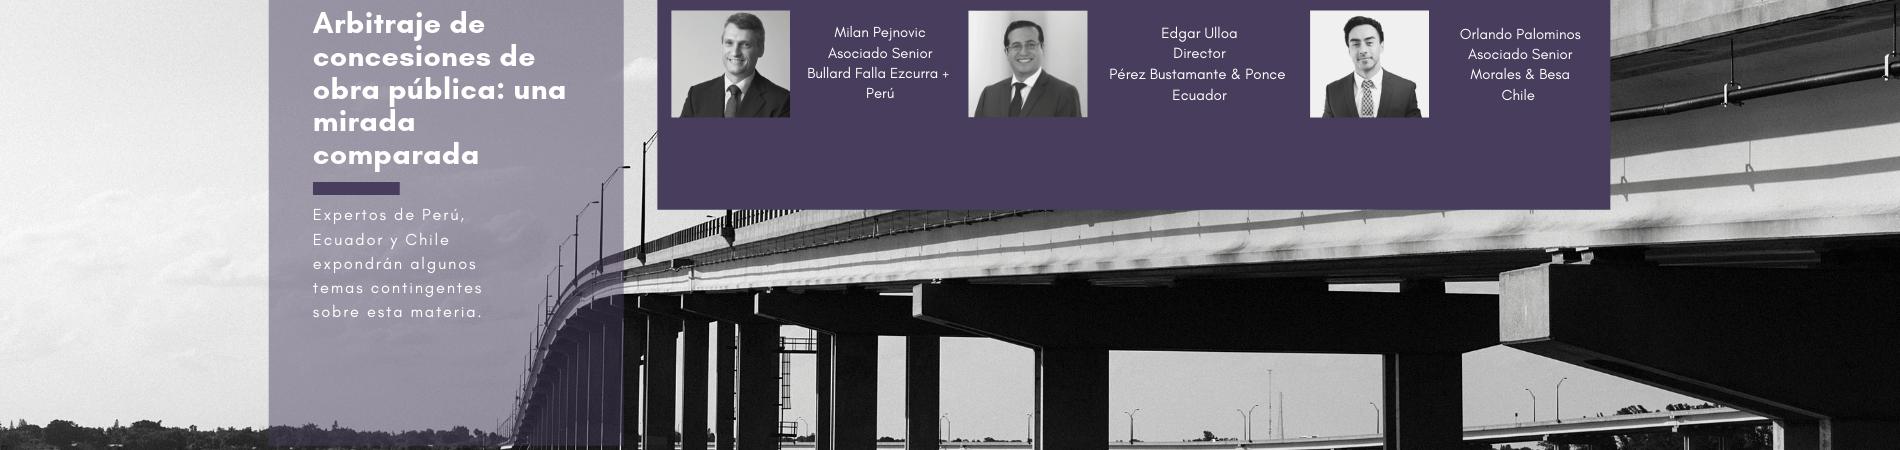 SEMINARIO | Arbitraje de concesiones de obra pública: una mirada comparada – 6 de septiembre